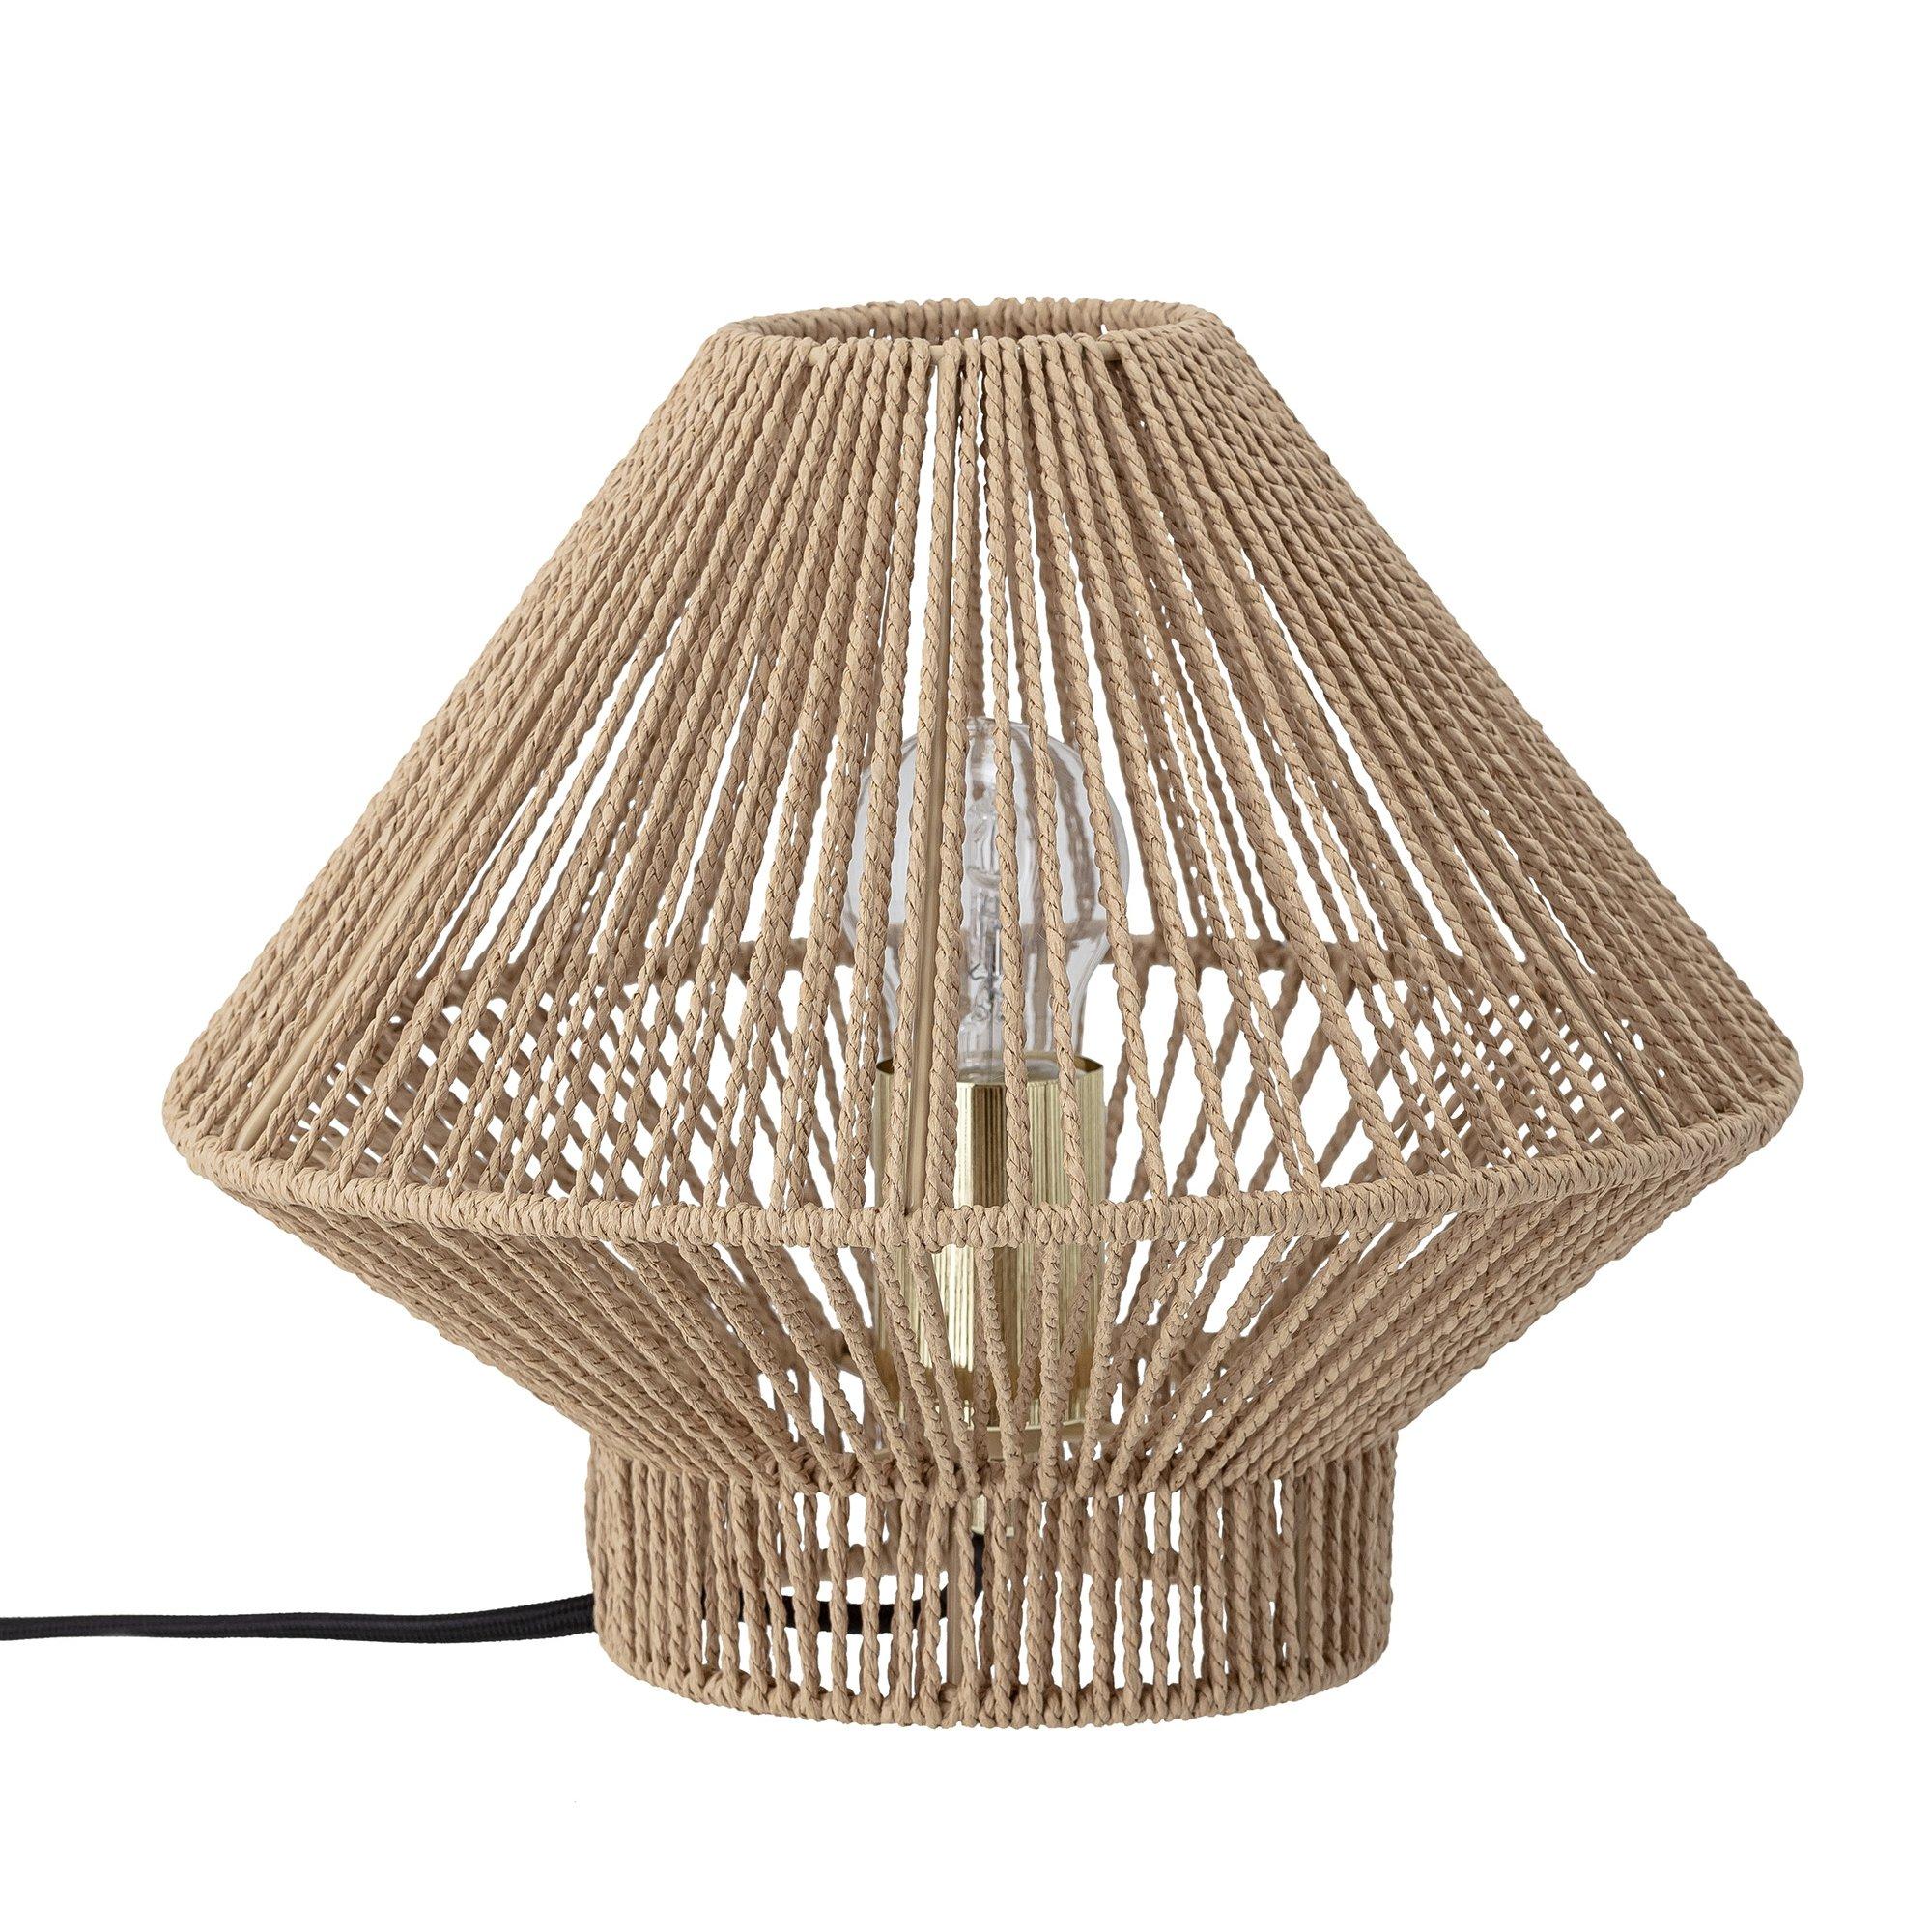 Bloomingville - Papir Table Lamp Ø 30 cm - Natur (82048614)